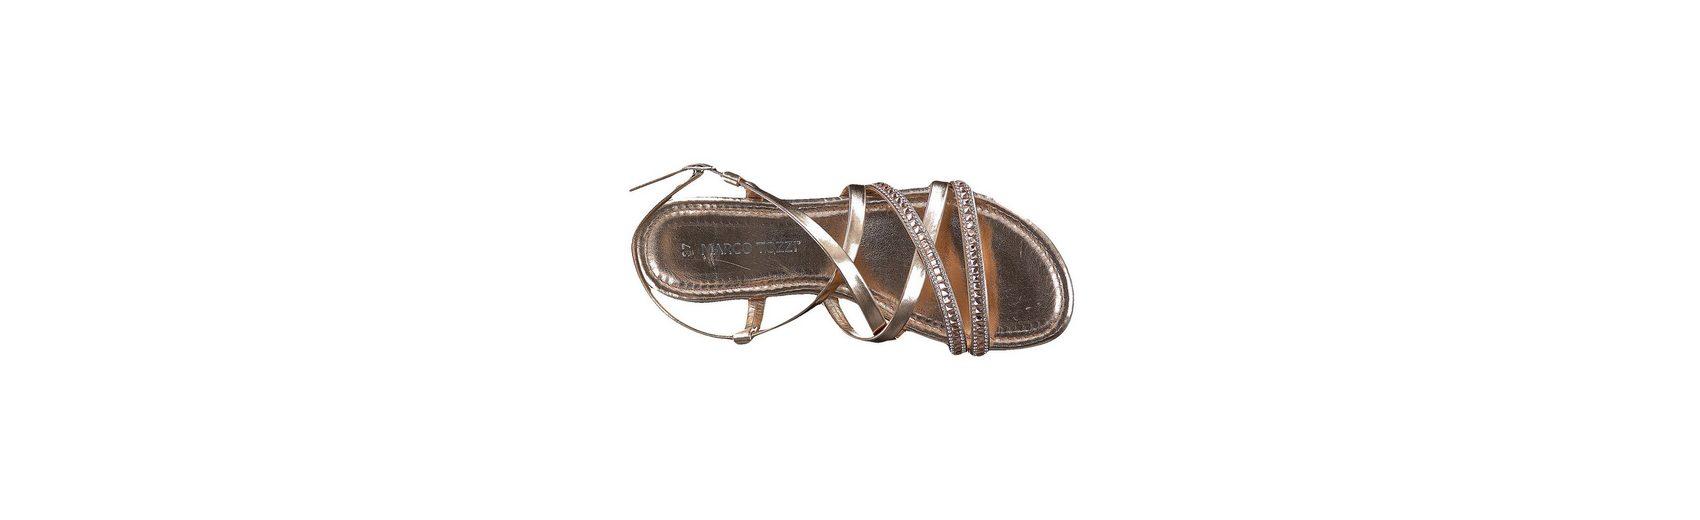 Günstig Kaufen Kauf MARCO TOZZI Eder Sandaletten Rabatt Mml7tsfSYU